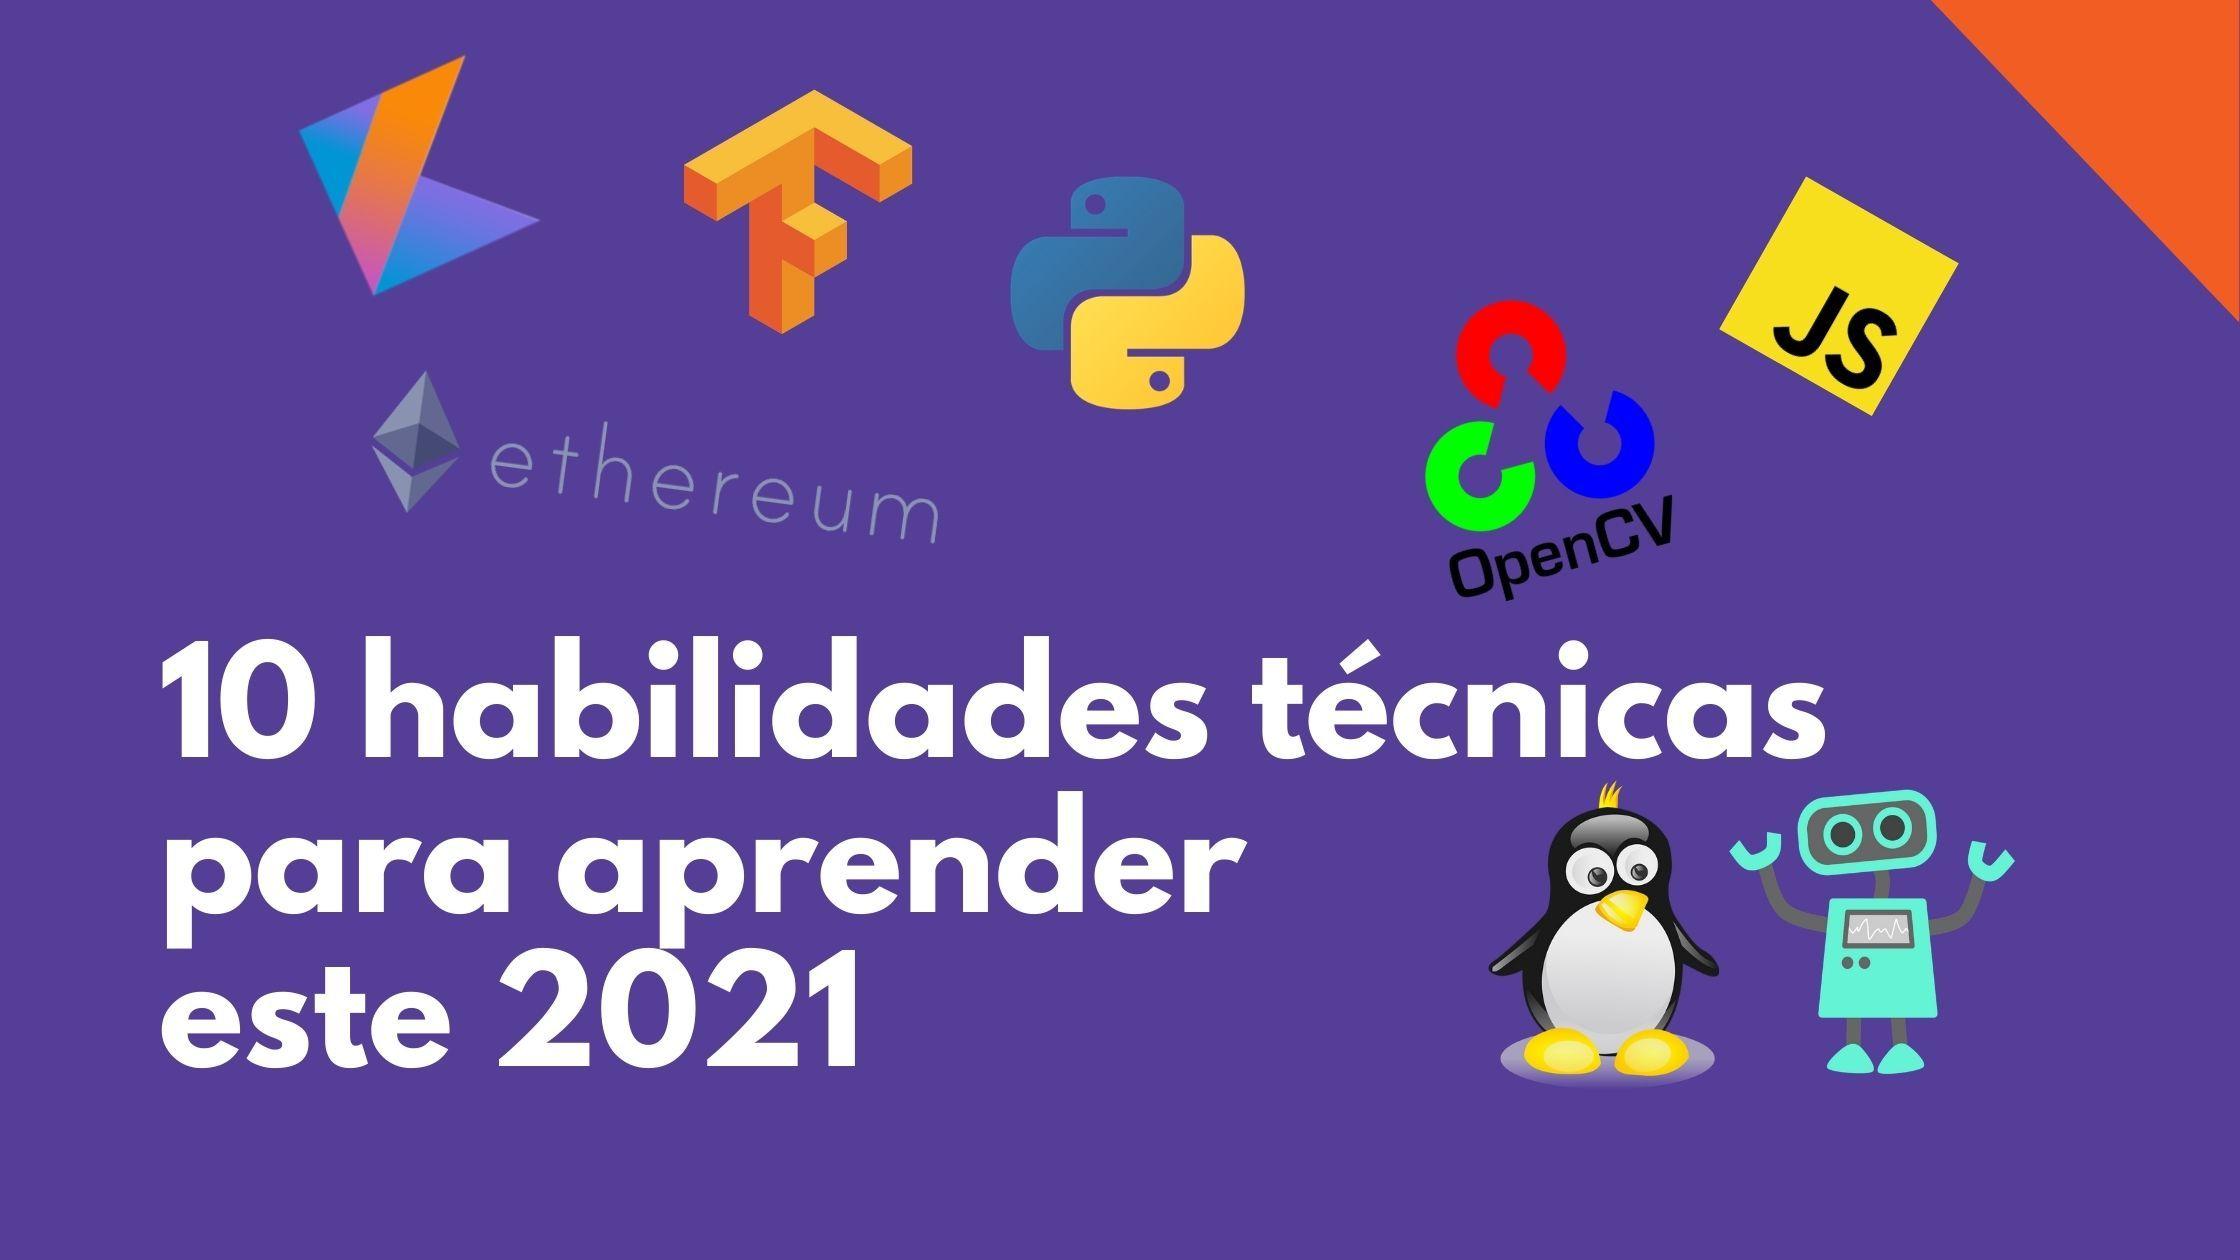 10 Habilidades técnicas para aprender este 2021